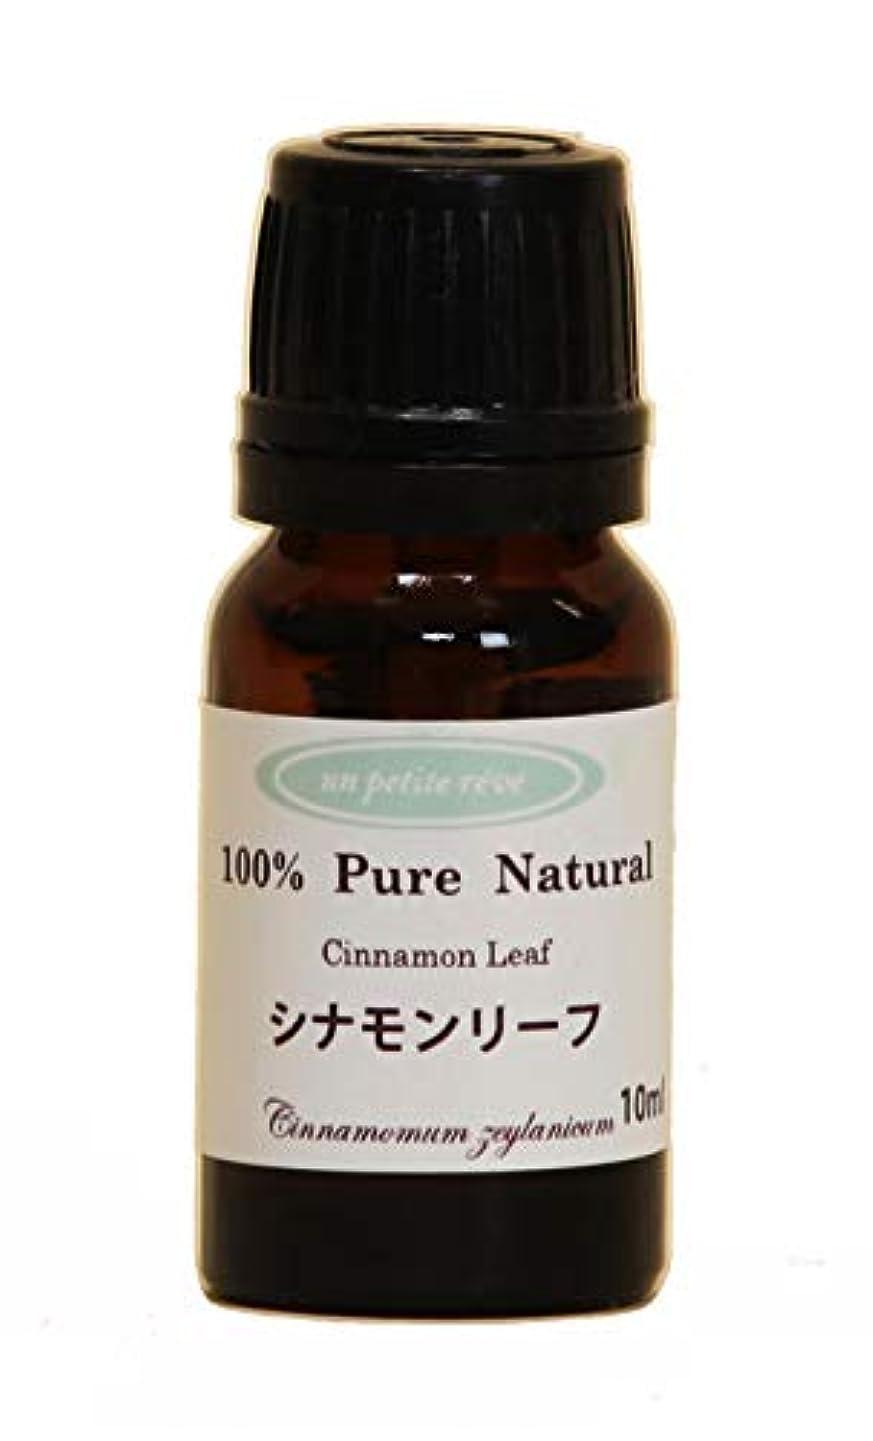 改修説明する正規化シナモンリーフ  10ml 100%天然アロマエッセンシャルオイル(精油)